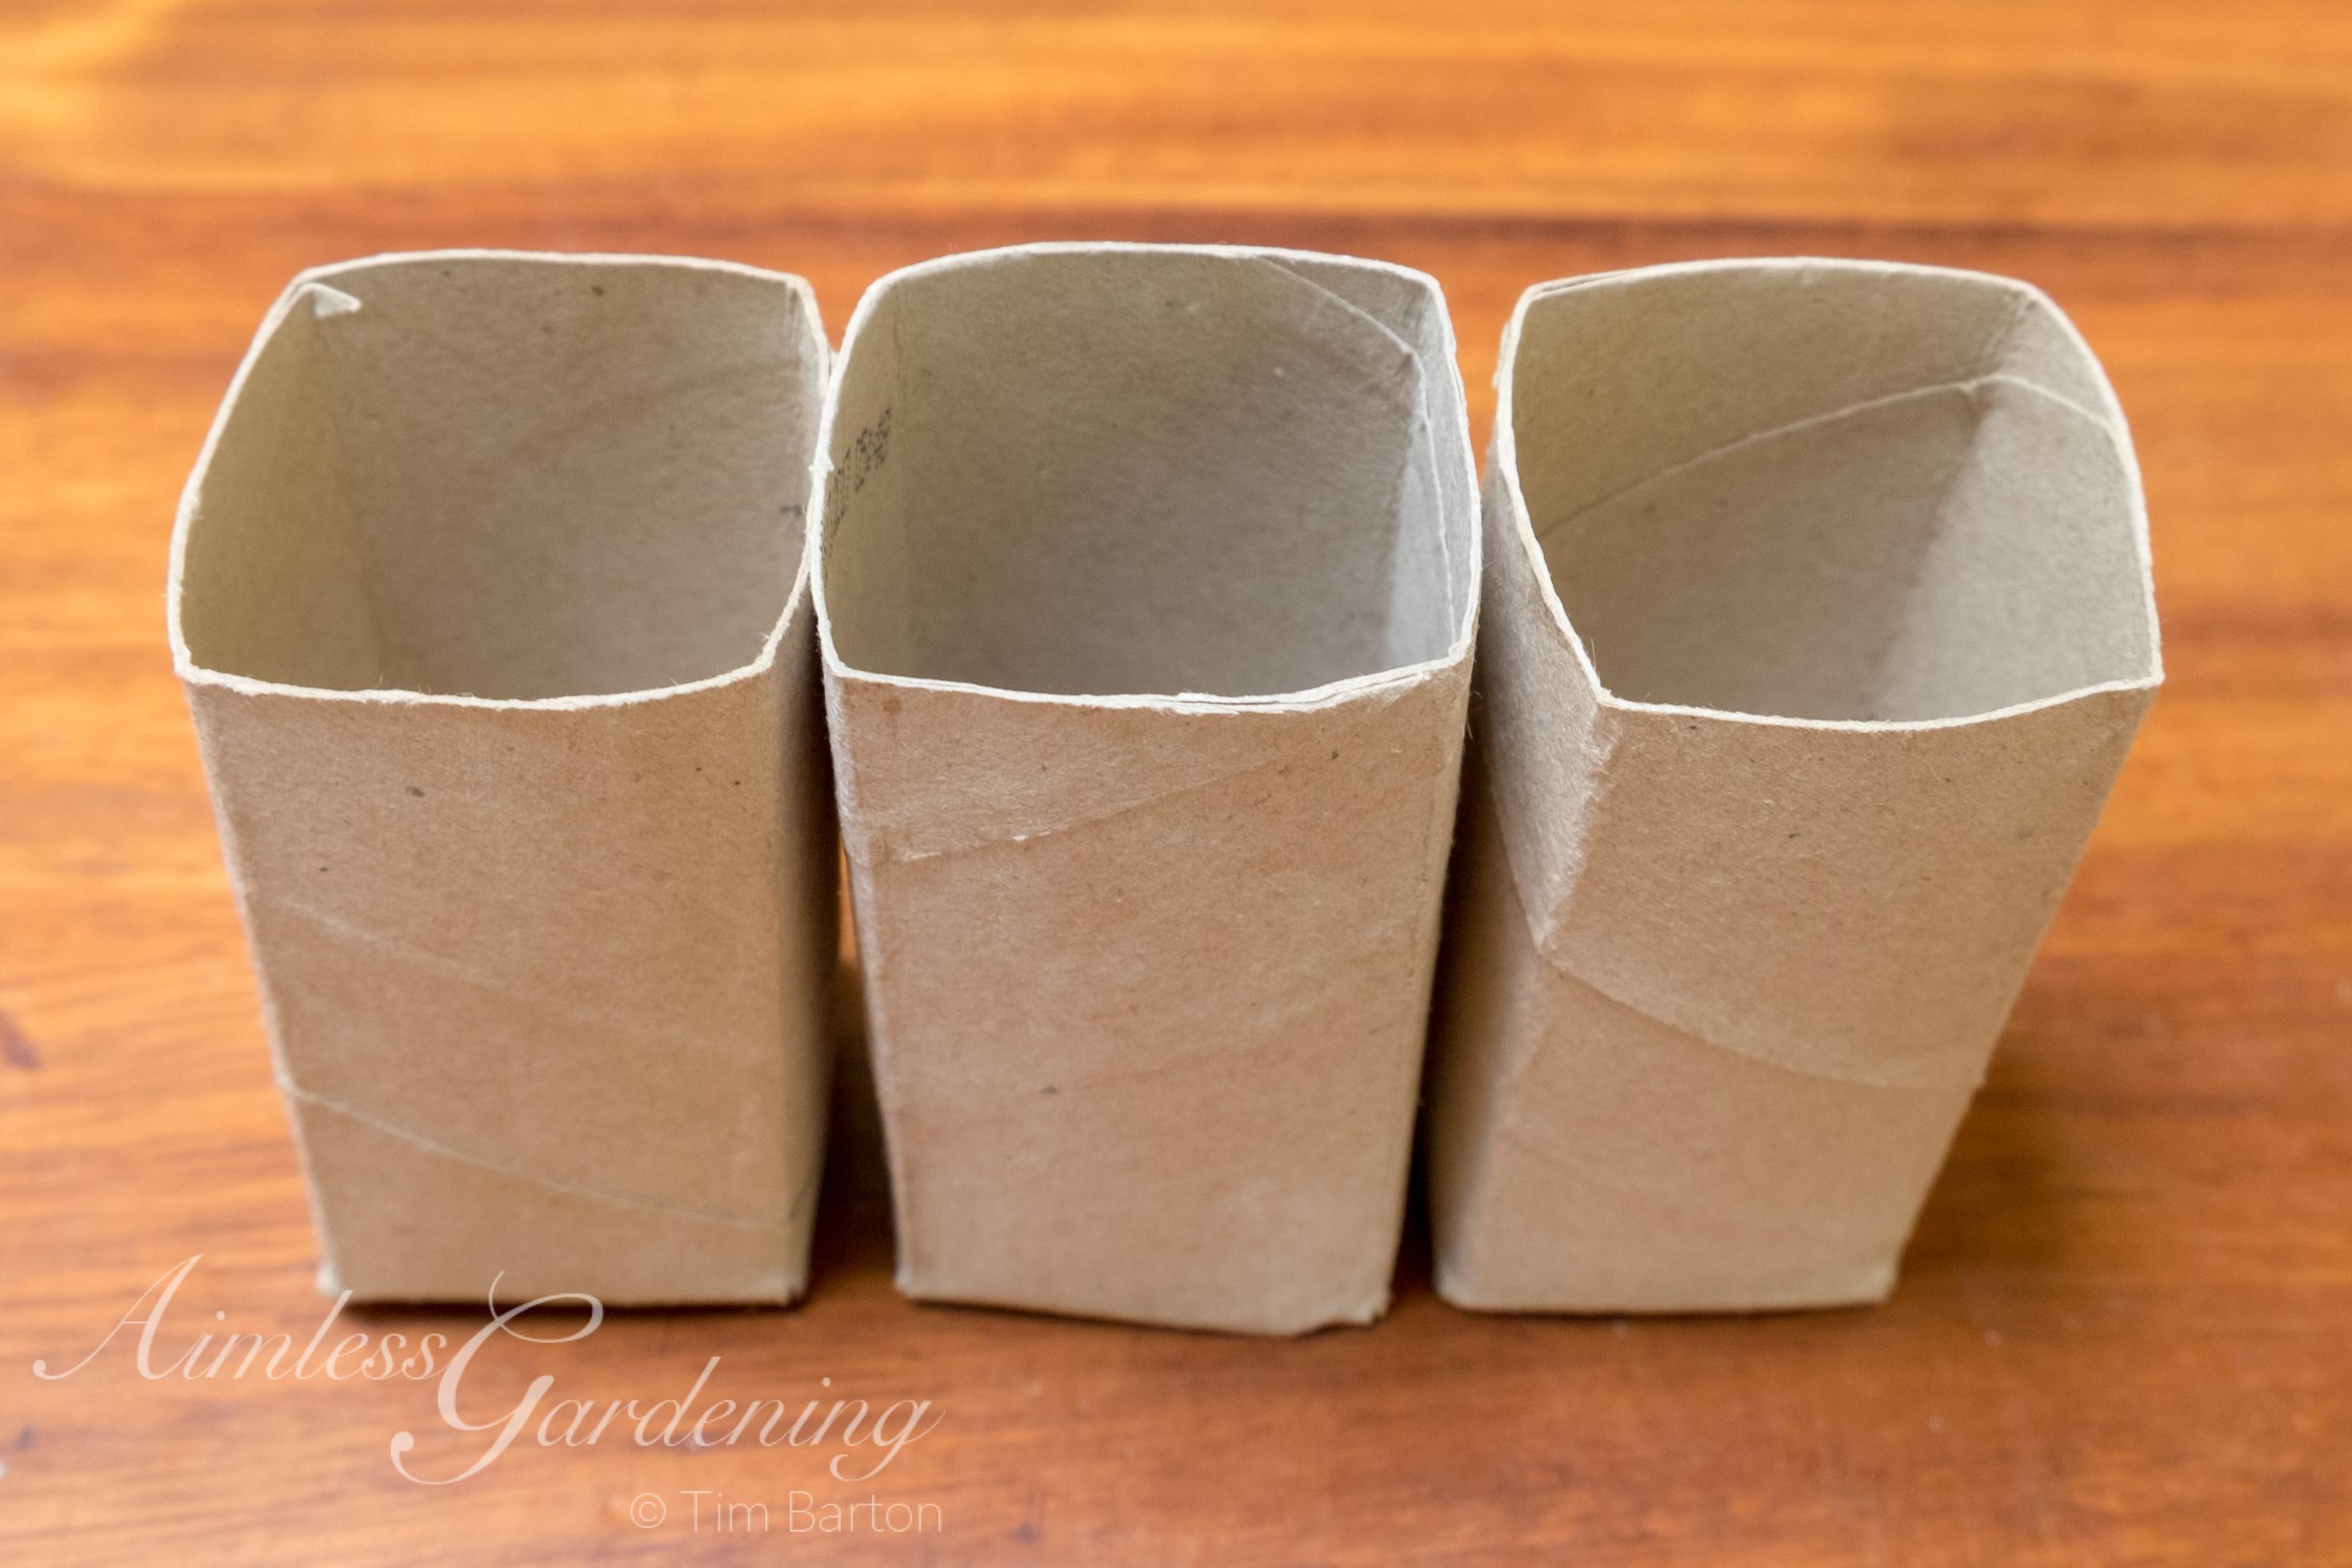 Toilet roll plant pots